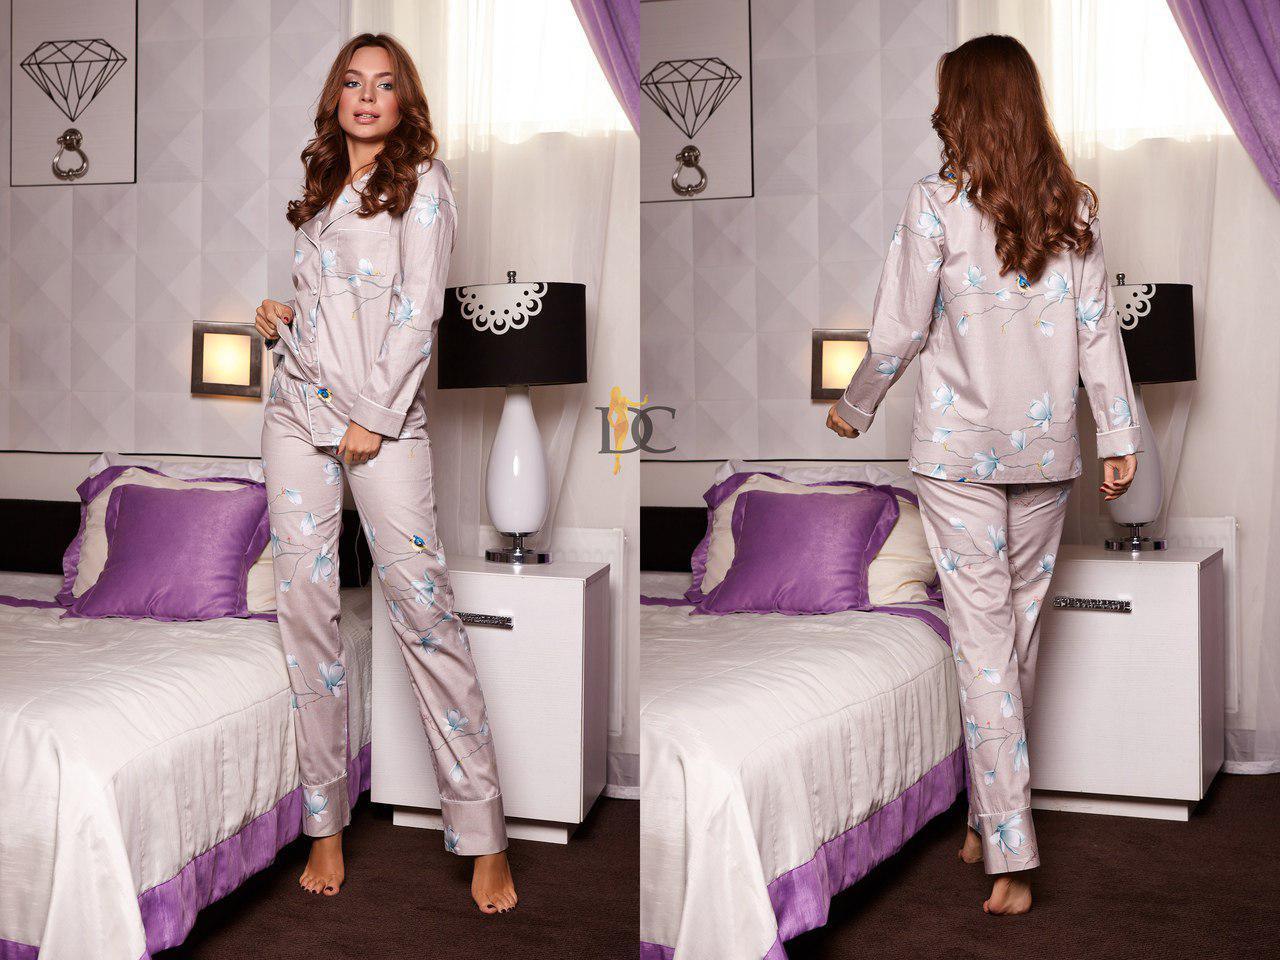 7bec484e05a Купить Красивую женскую пижаму в расцветках (рубашку и штаны) r ...